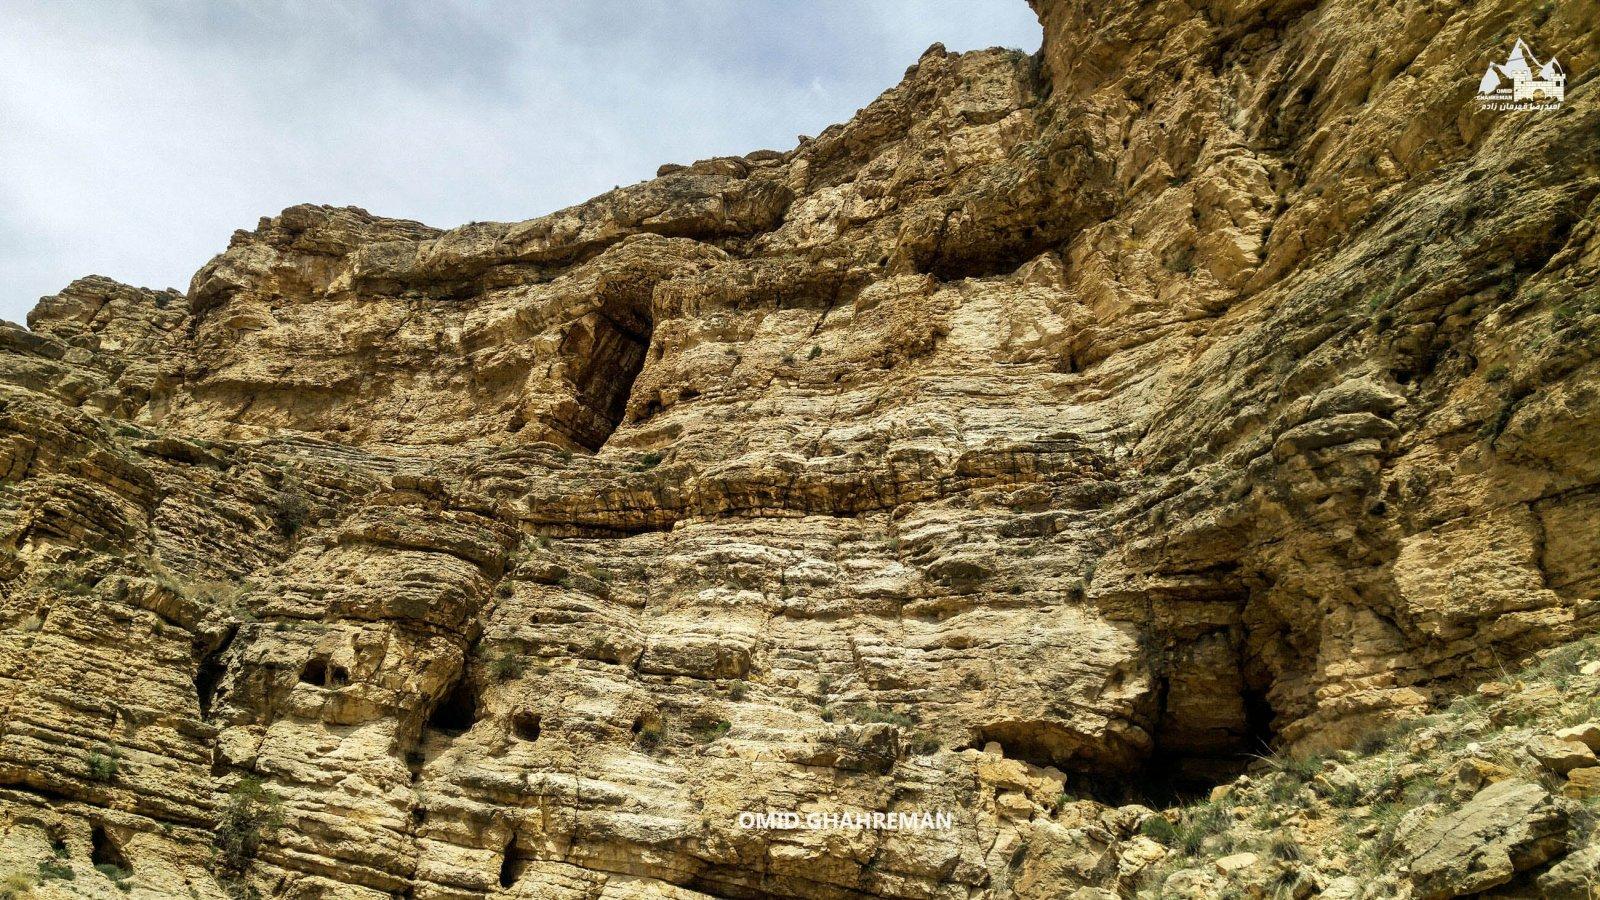 دیواره های رسوبی در ارتفاع 1700 ماکو